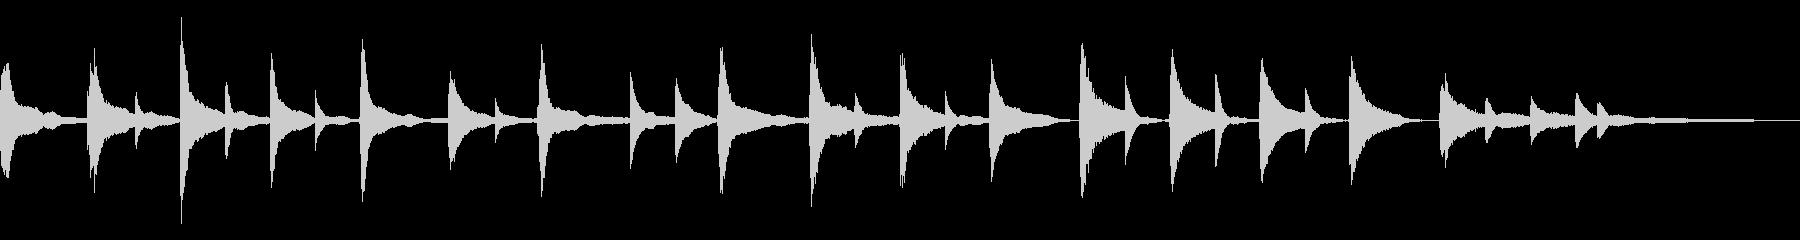 【ほのぼの系】30秒ピアノソロの未再生の波形